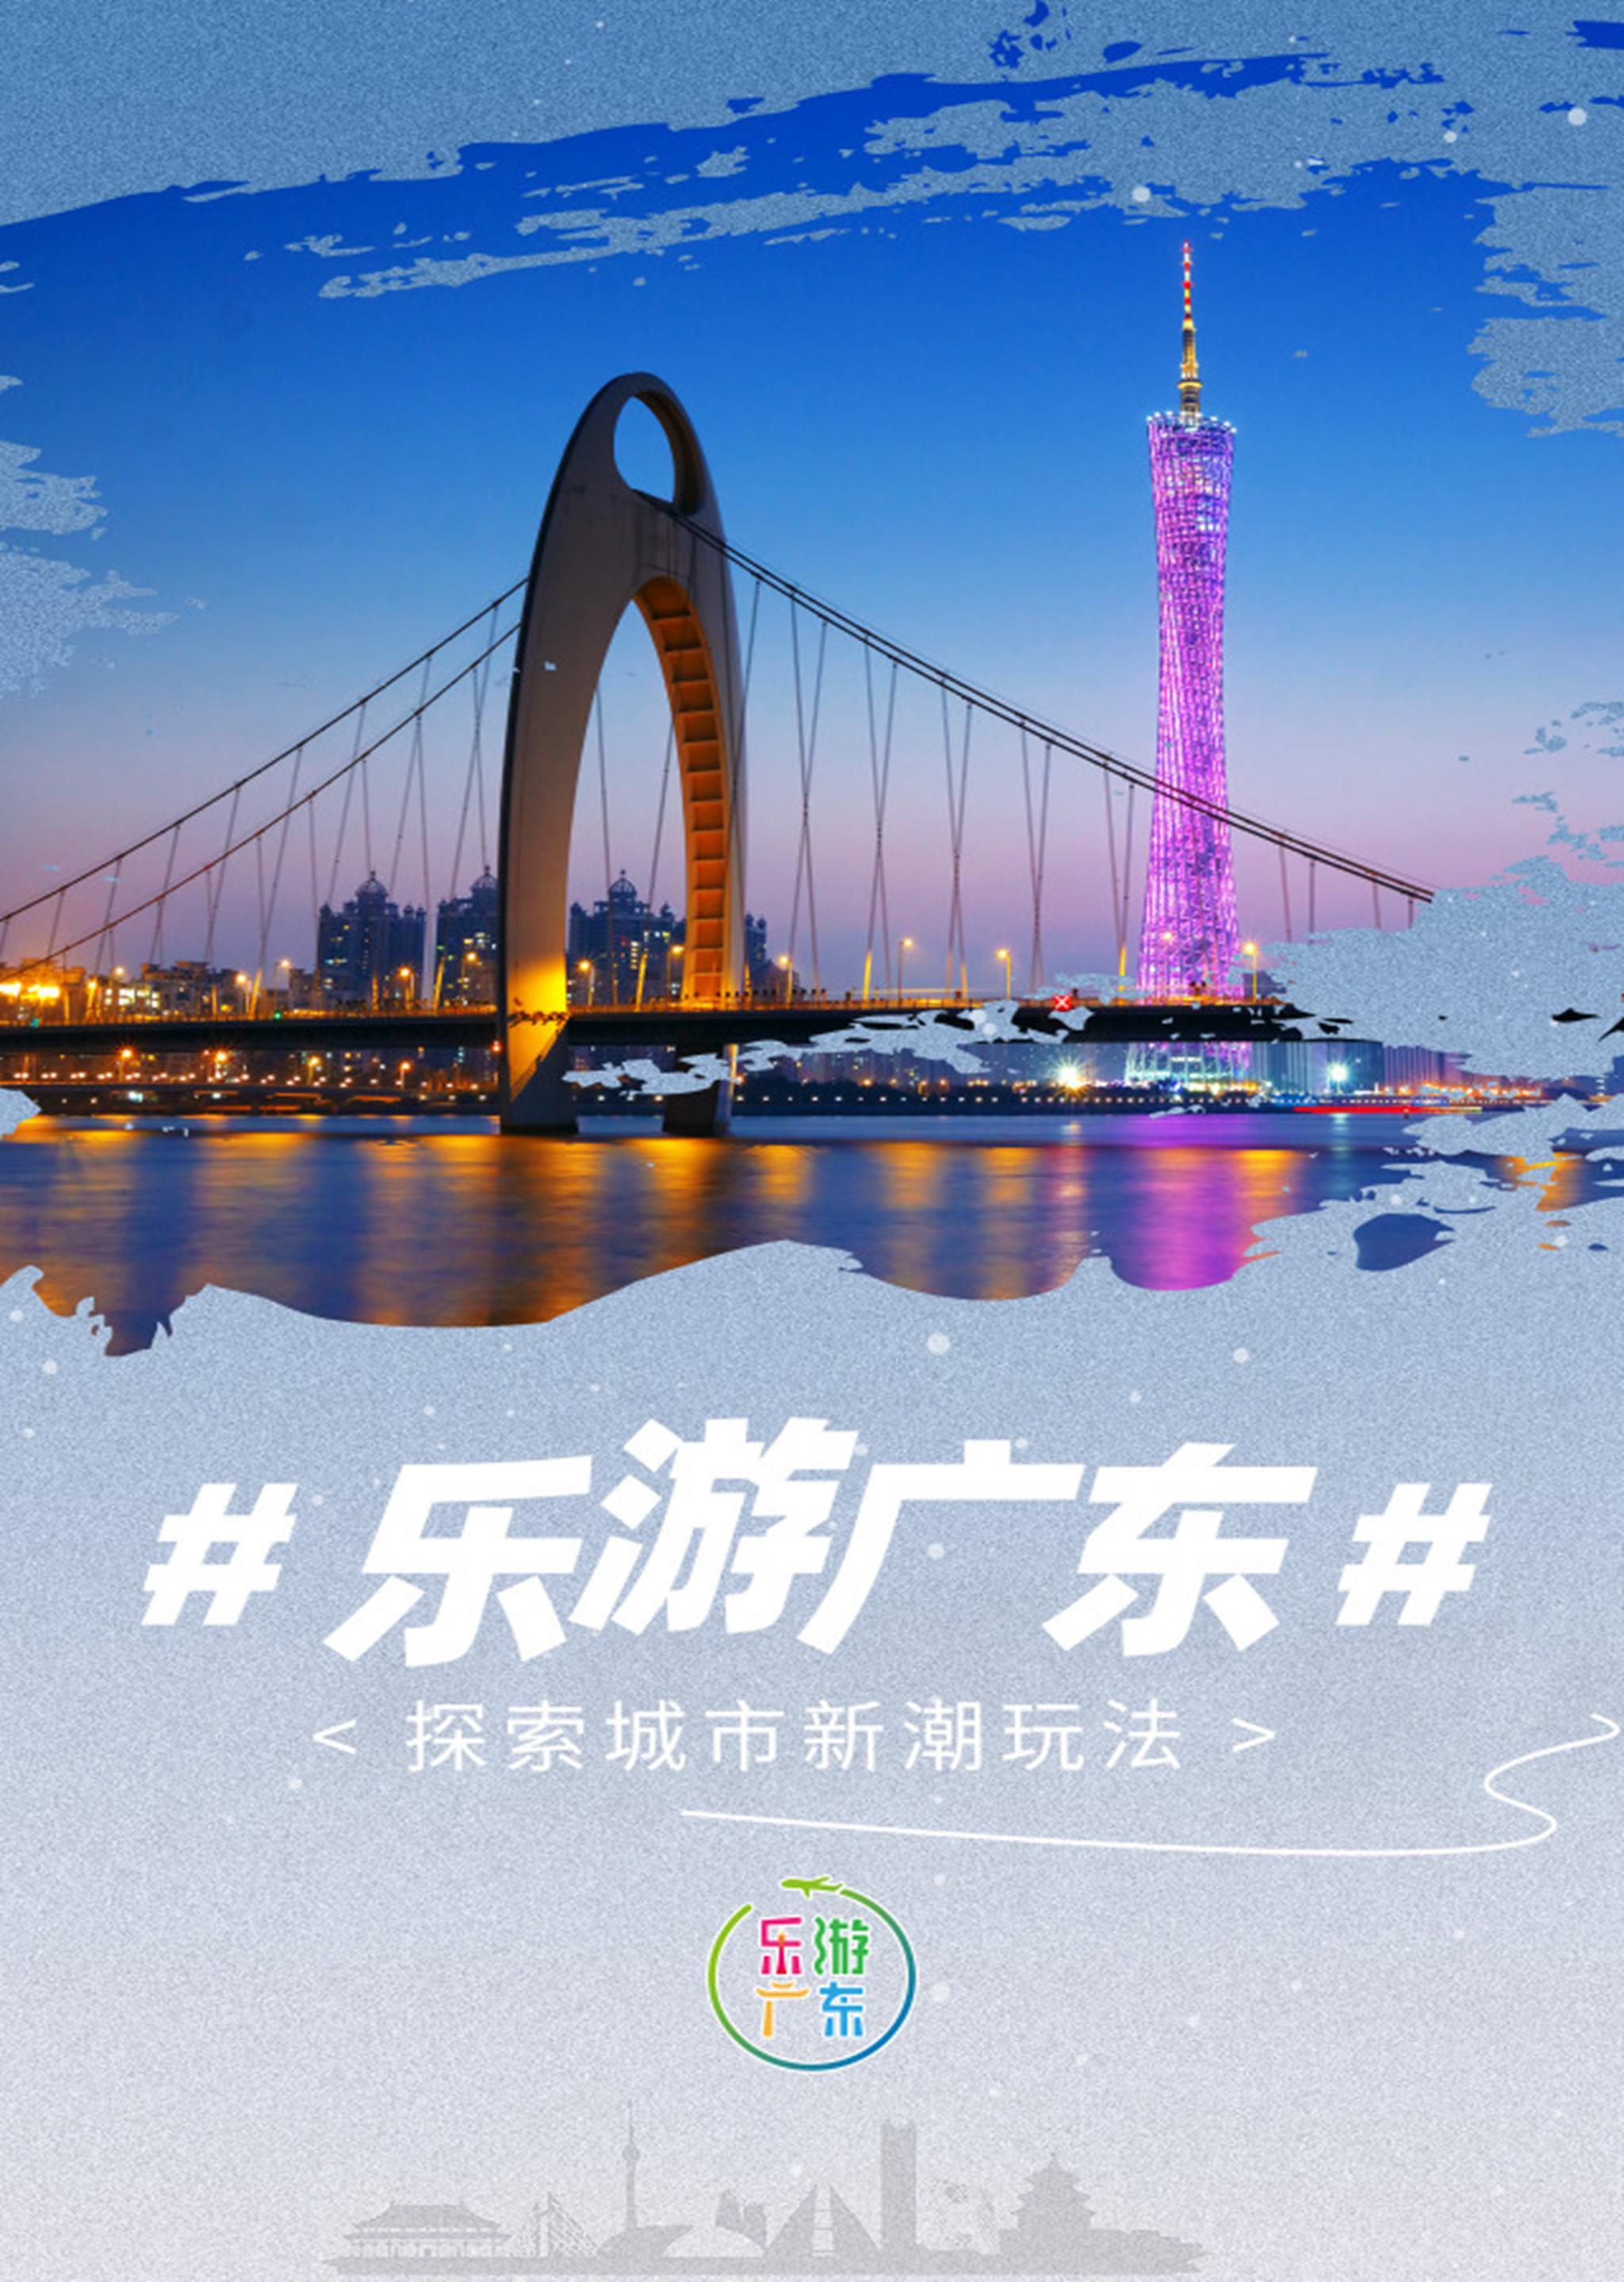 #乐游广东#